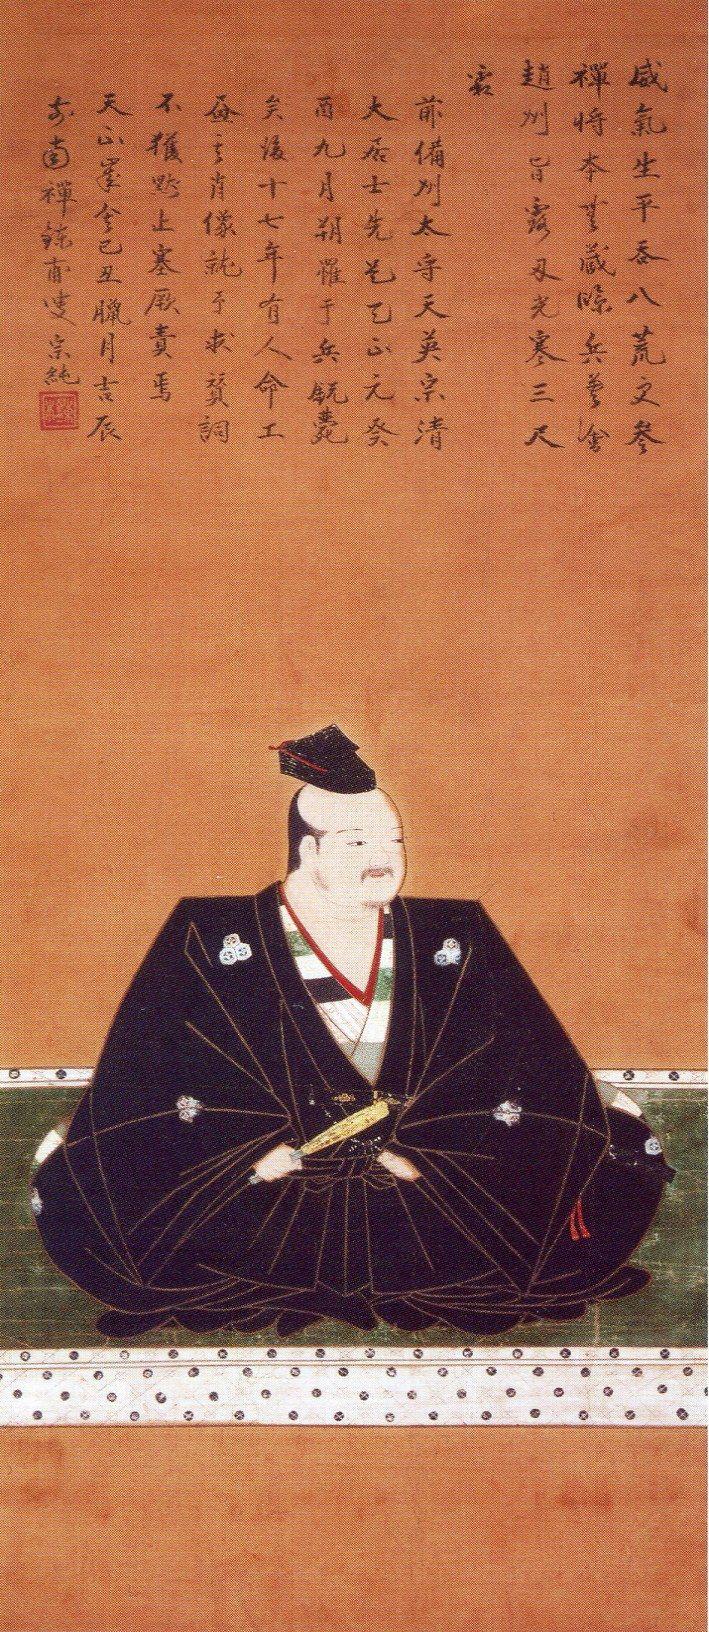 歴史好きには、たまらない!最後の当主「浅井長政」の悲劇にせまる旅のススメ - Find Travel